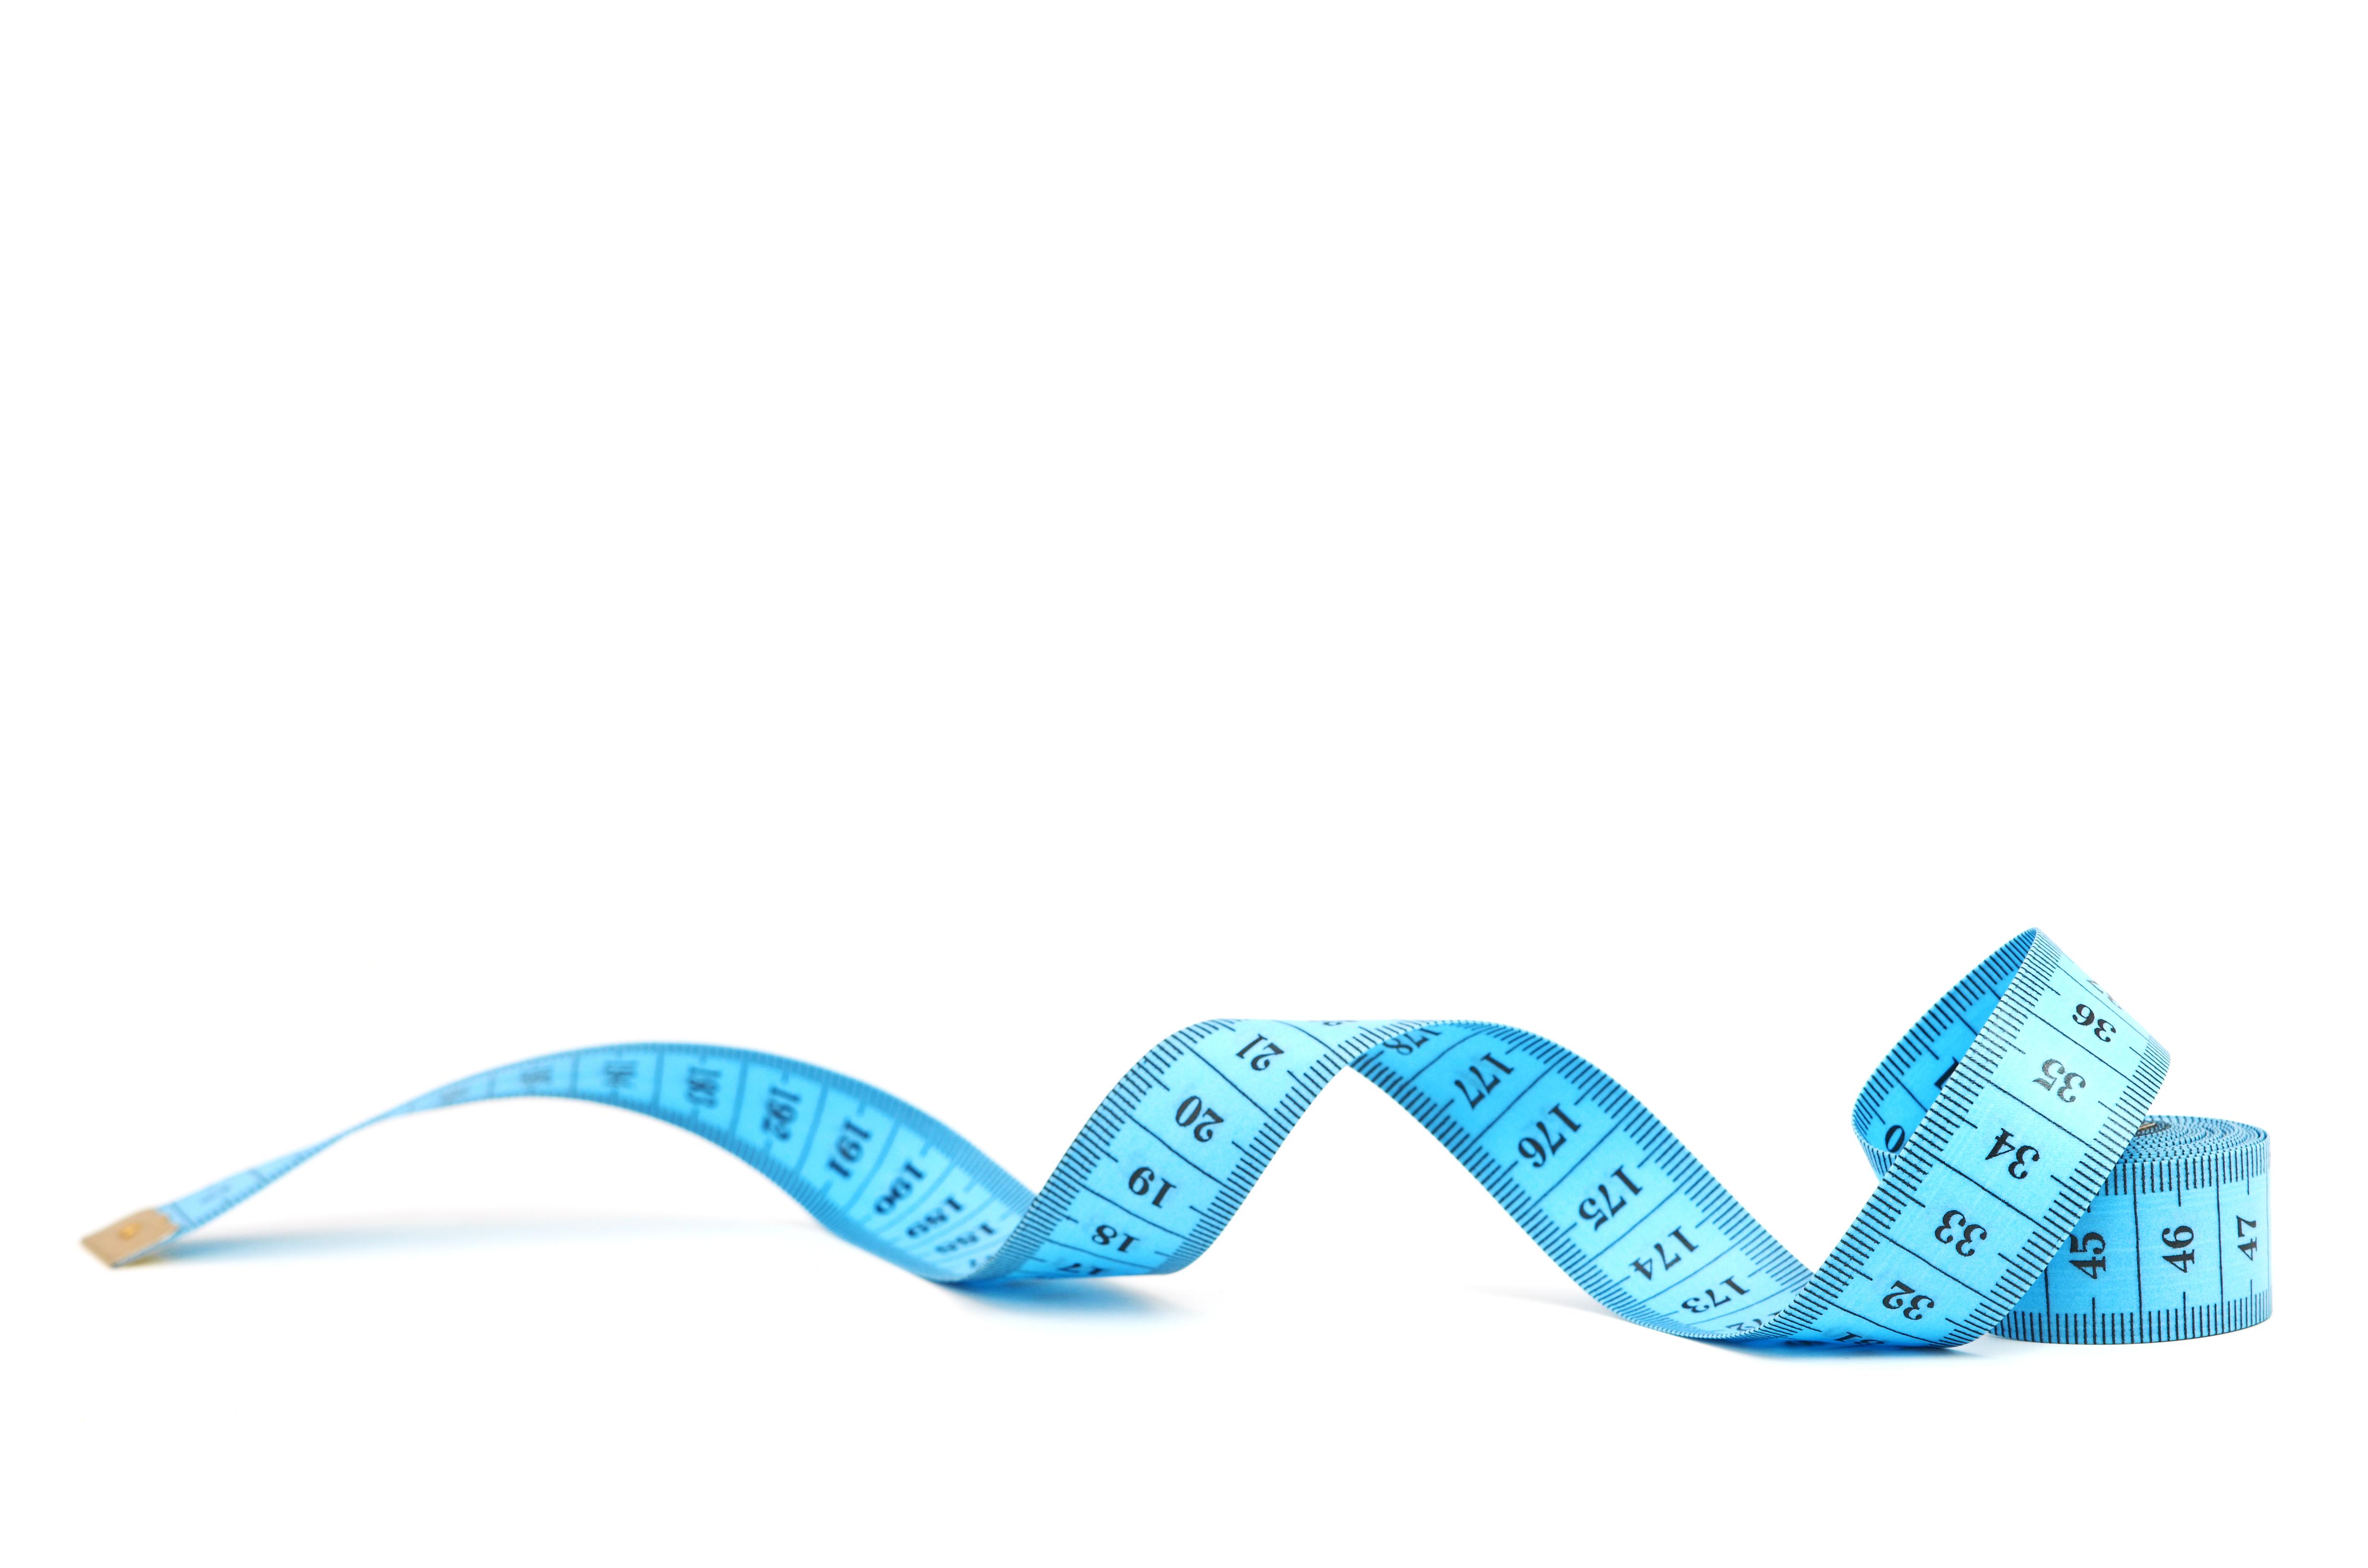 Mesurer l'obésité abdominale